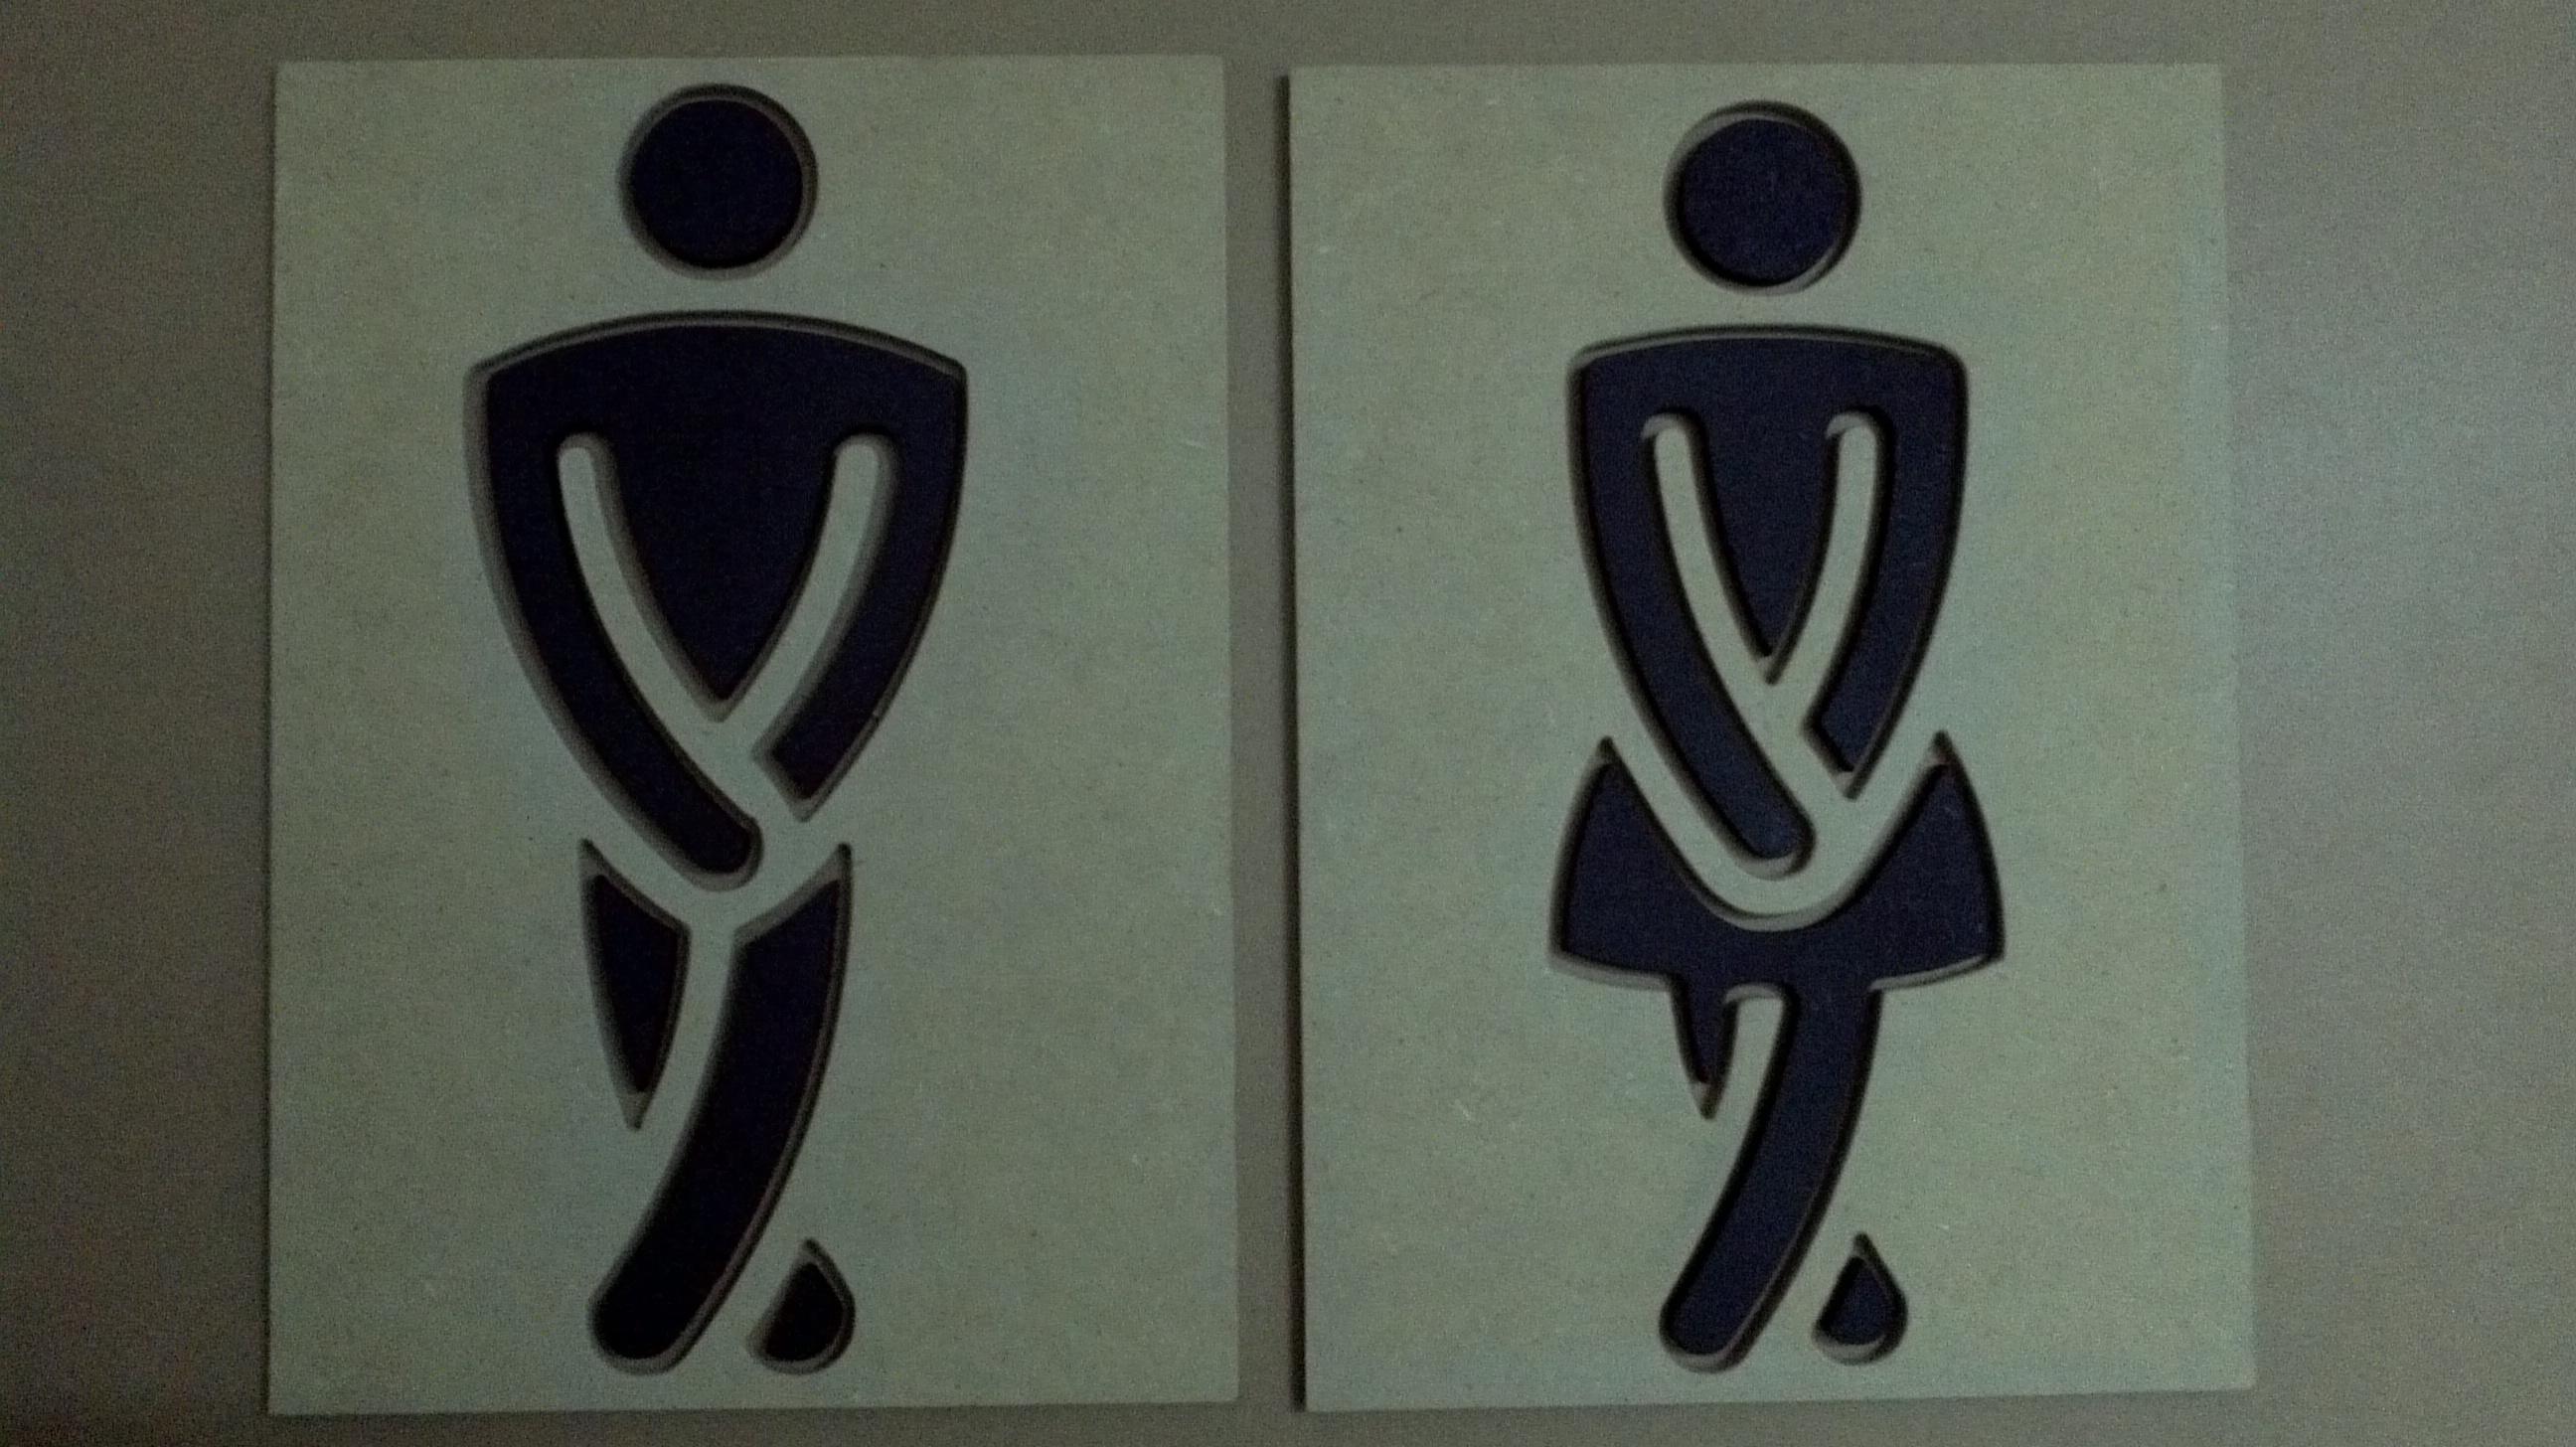 Placa De Banheiro Feminino E Masculino (  bruna lucia  Elo7 # Banheiro Feminino E Banheiro Masculino